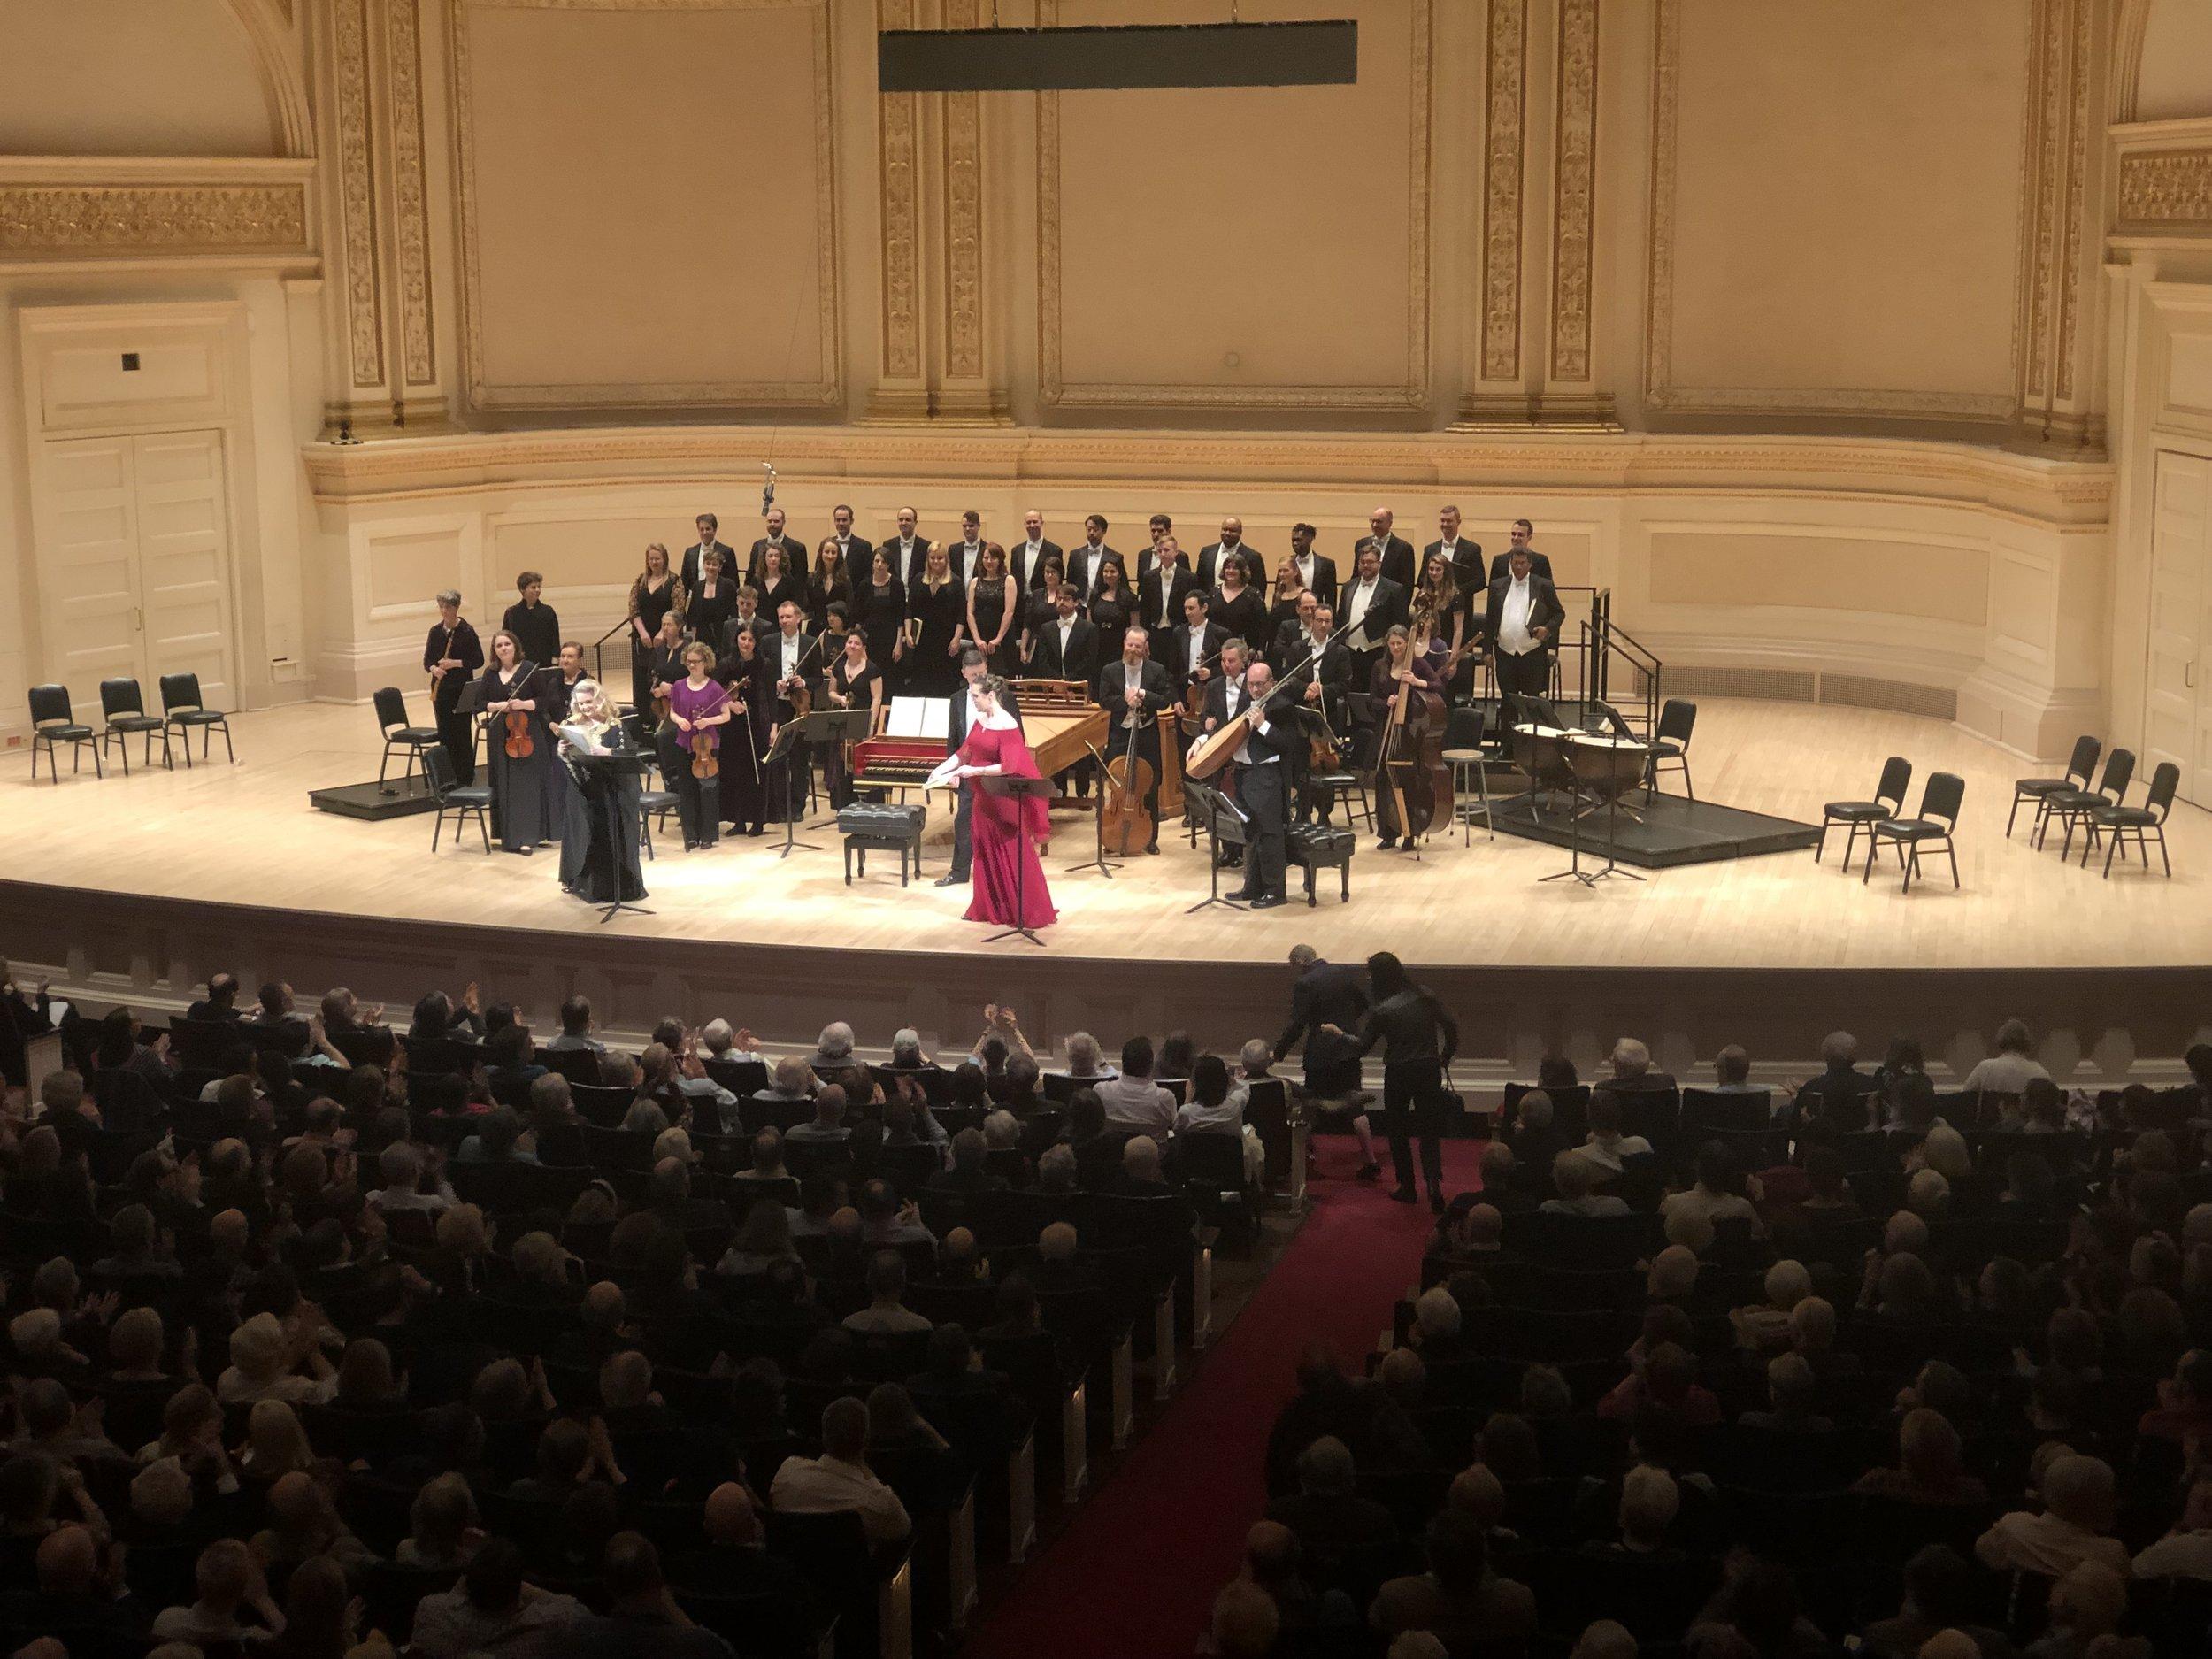 Semele - Carnegie Hall